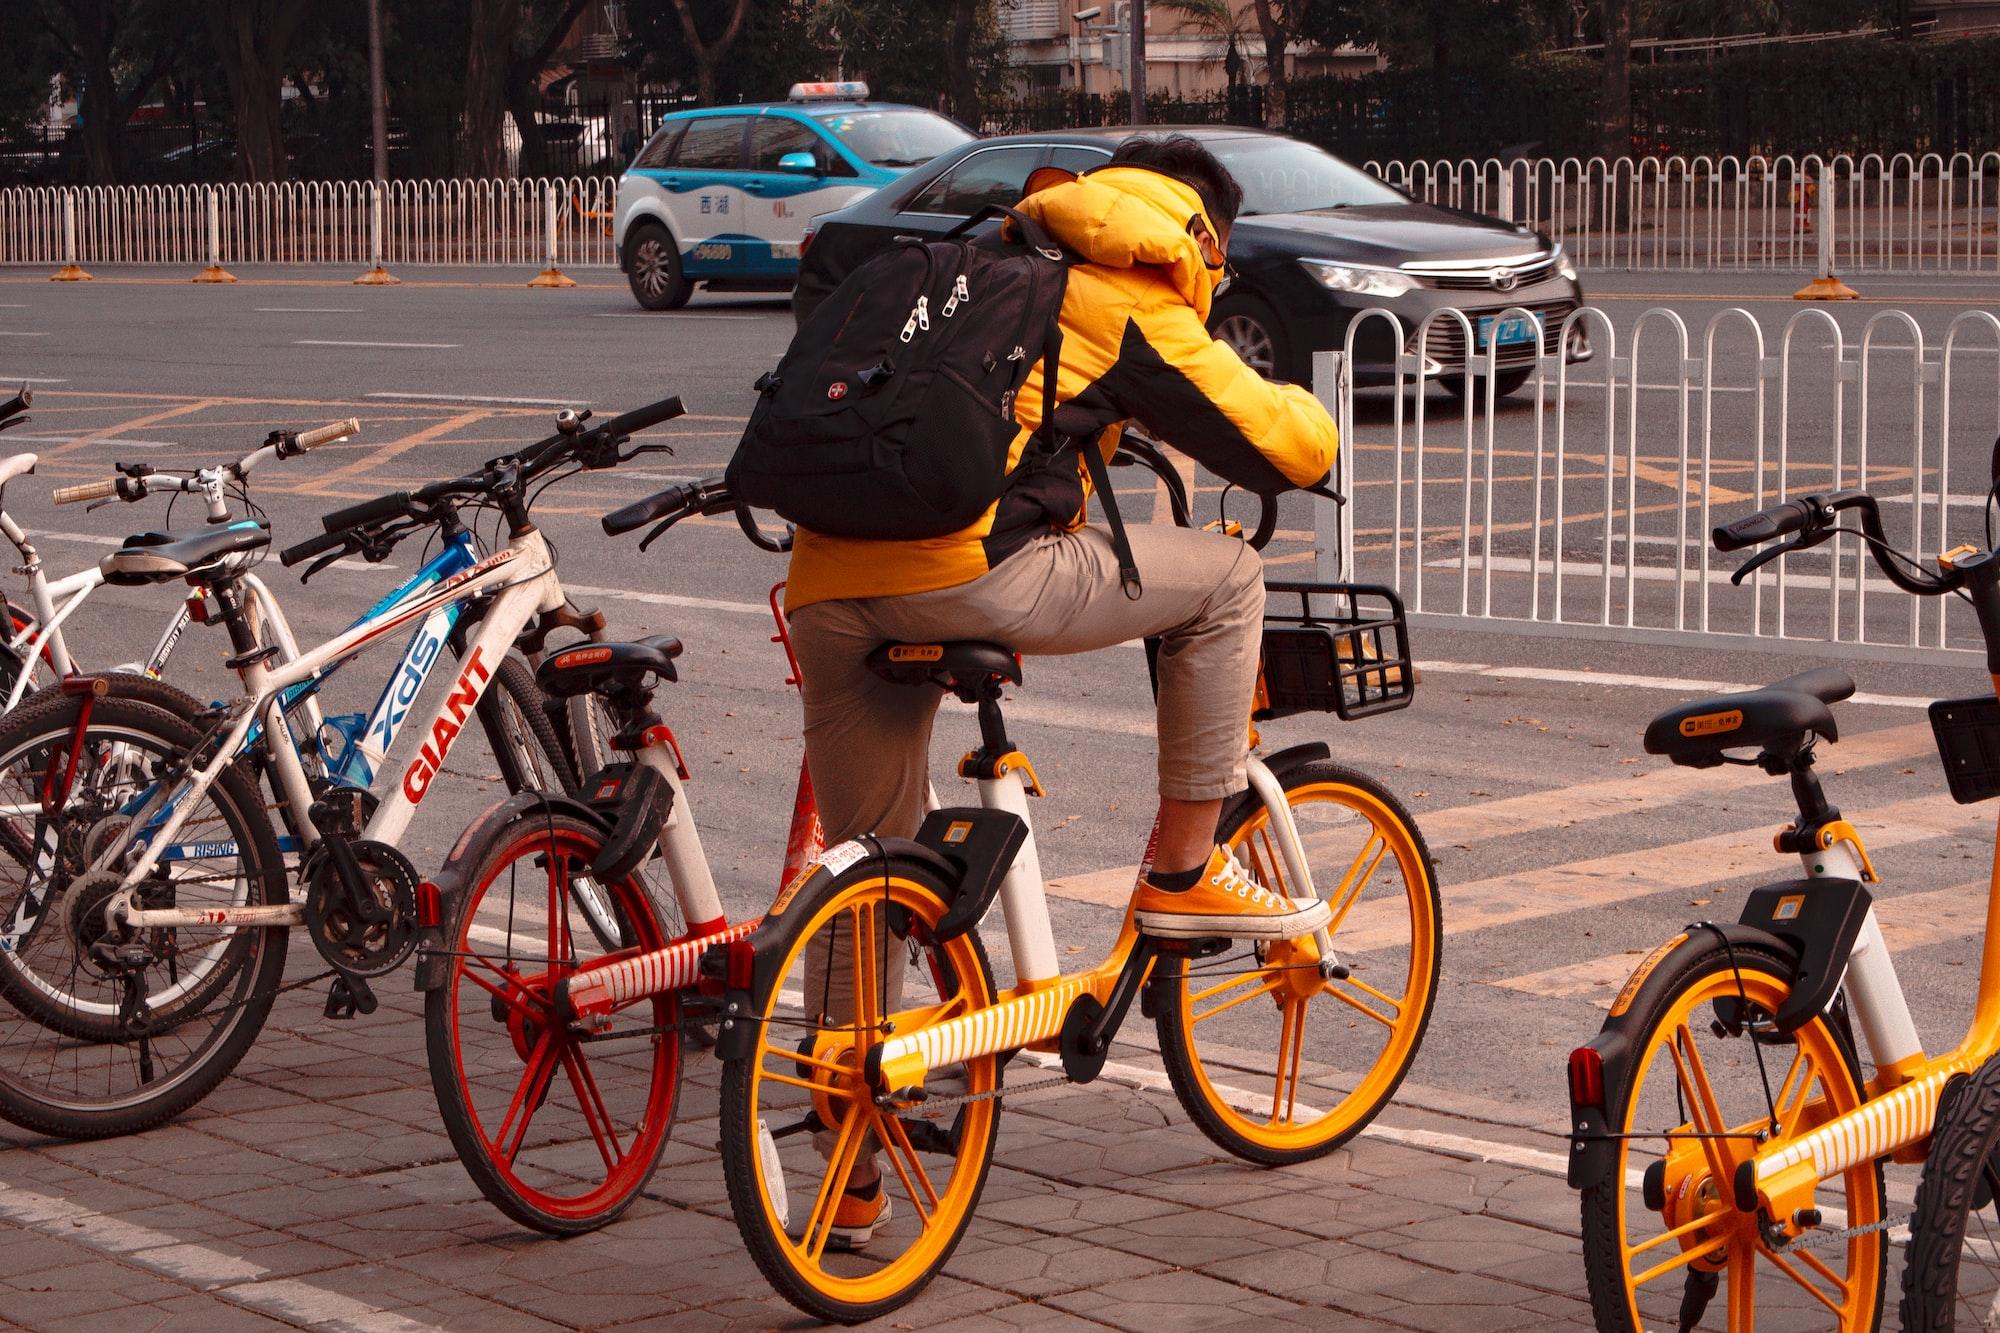 Man on shared bike in Shenzhen, China.